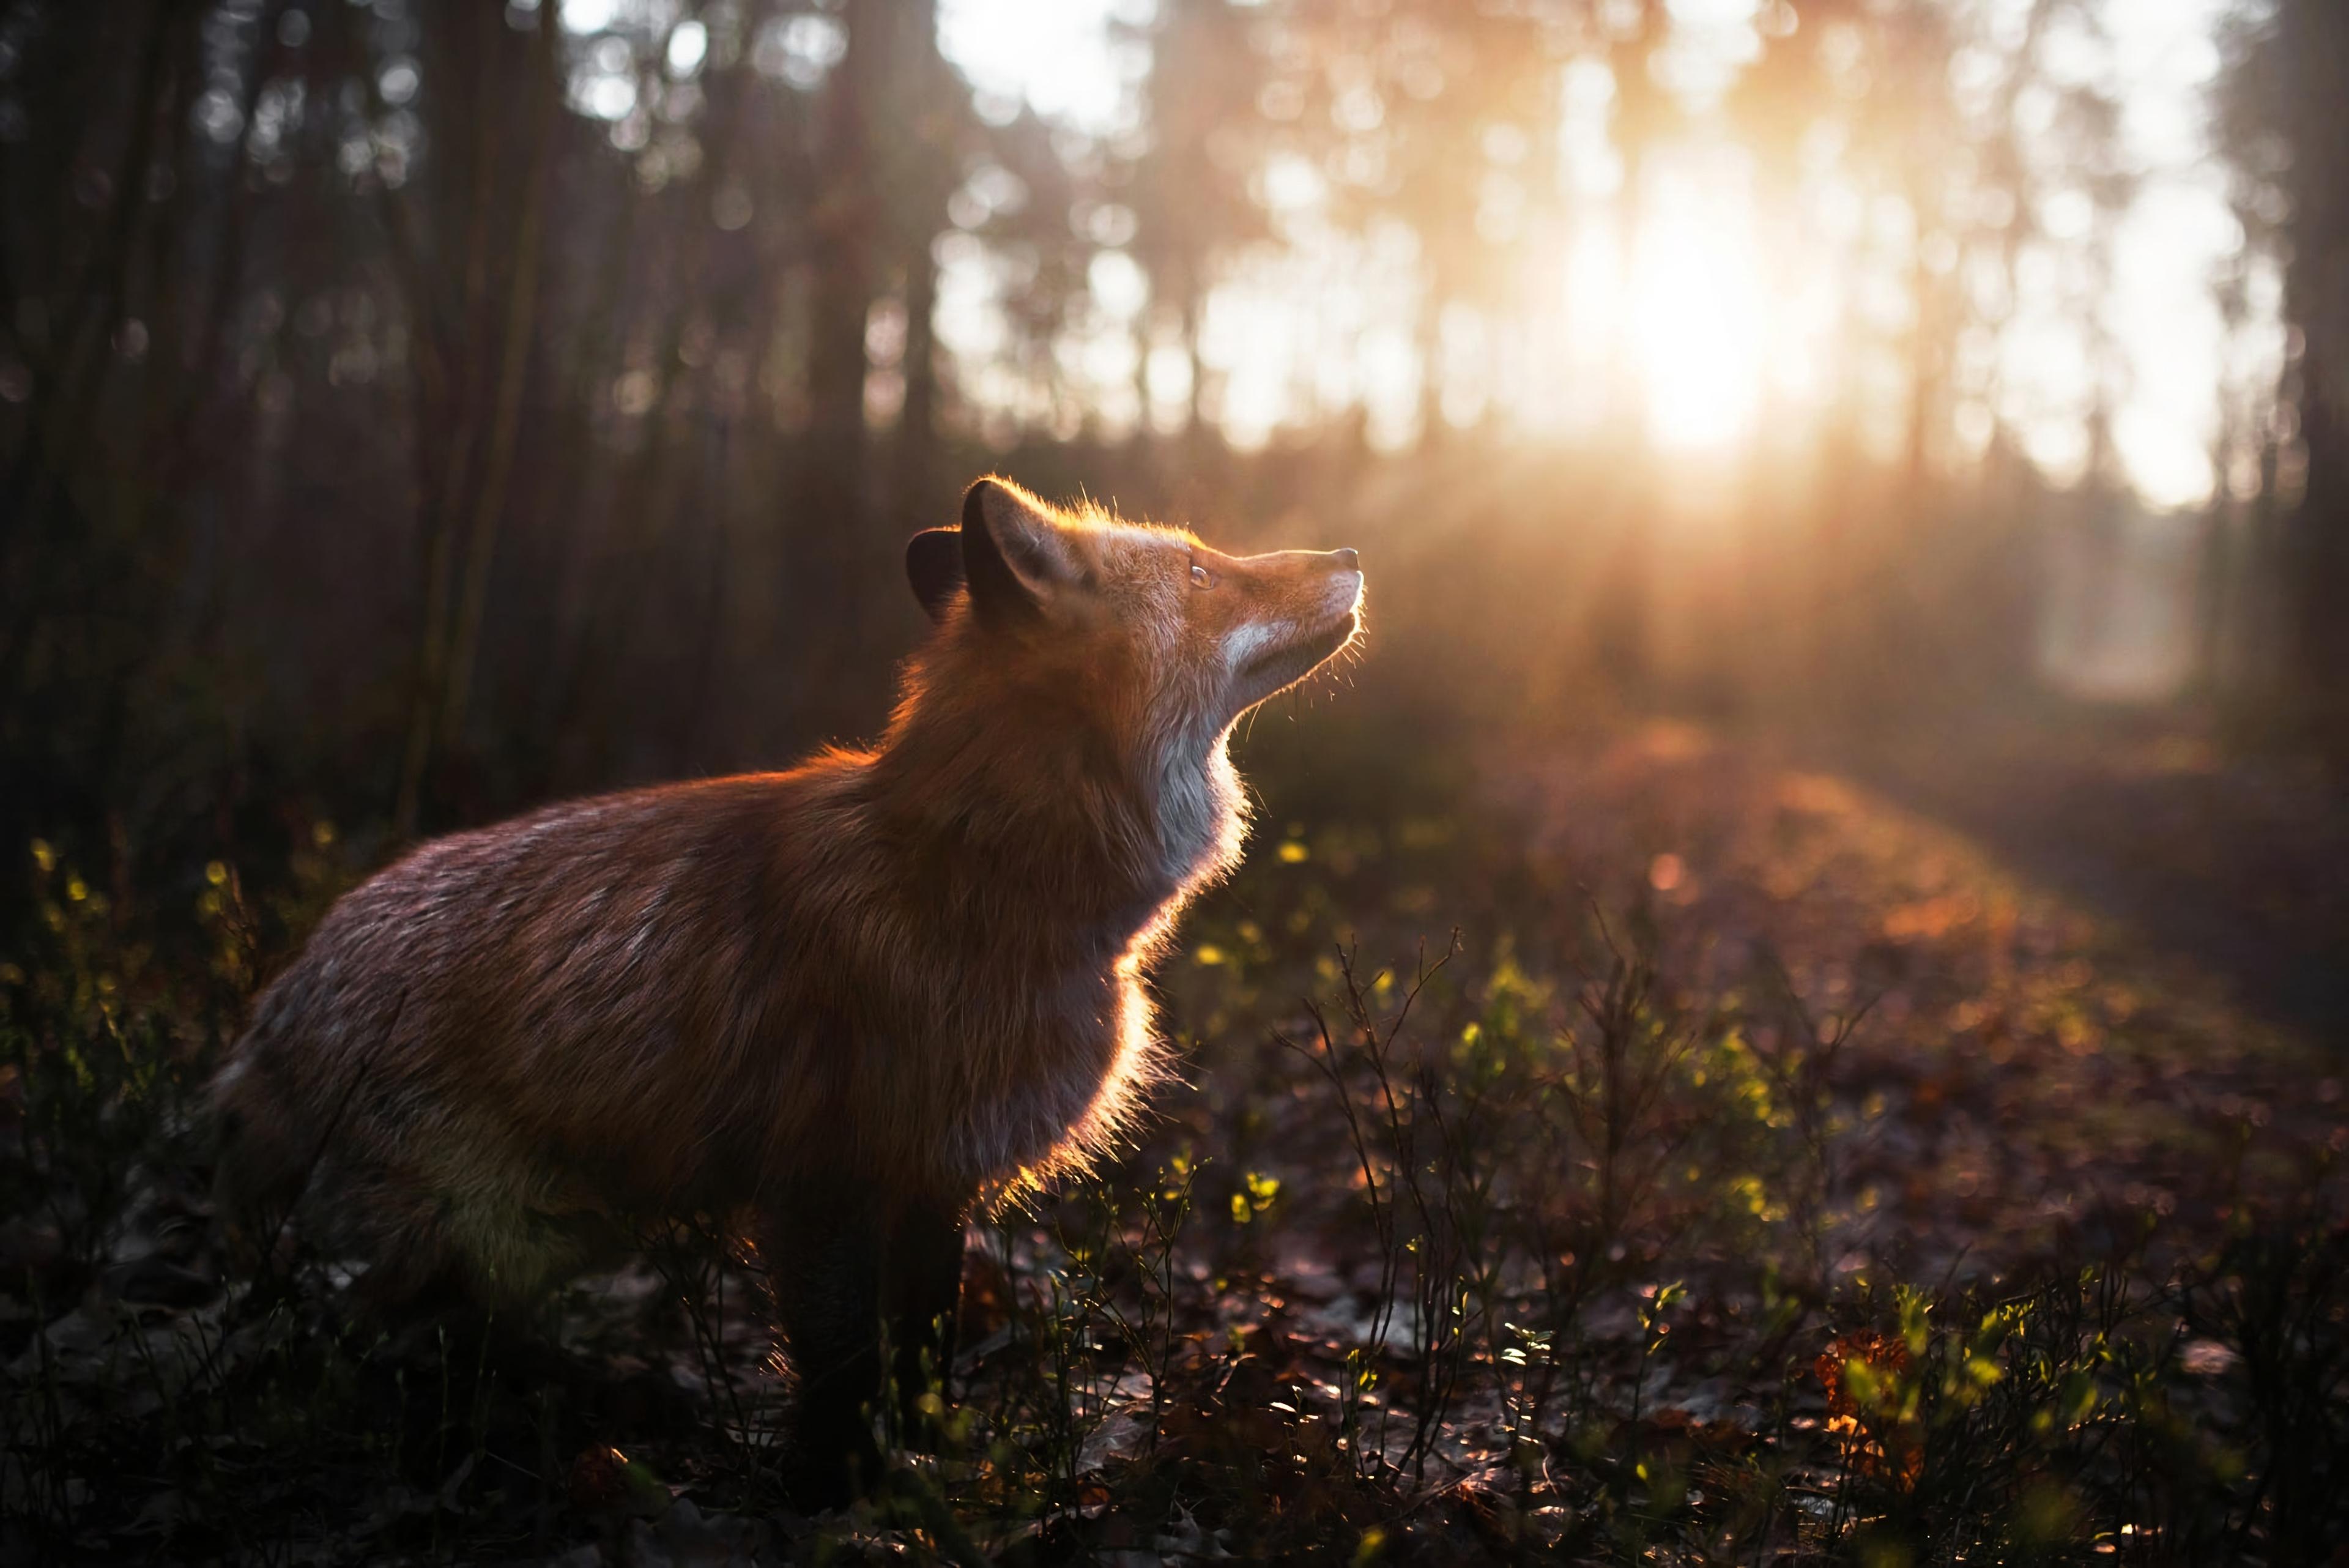 fox outdoor 1574938121 - Fox Outdoor -